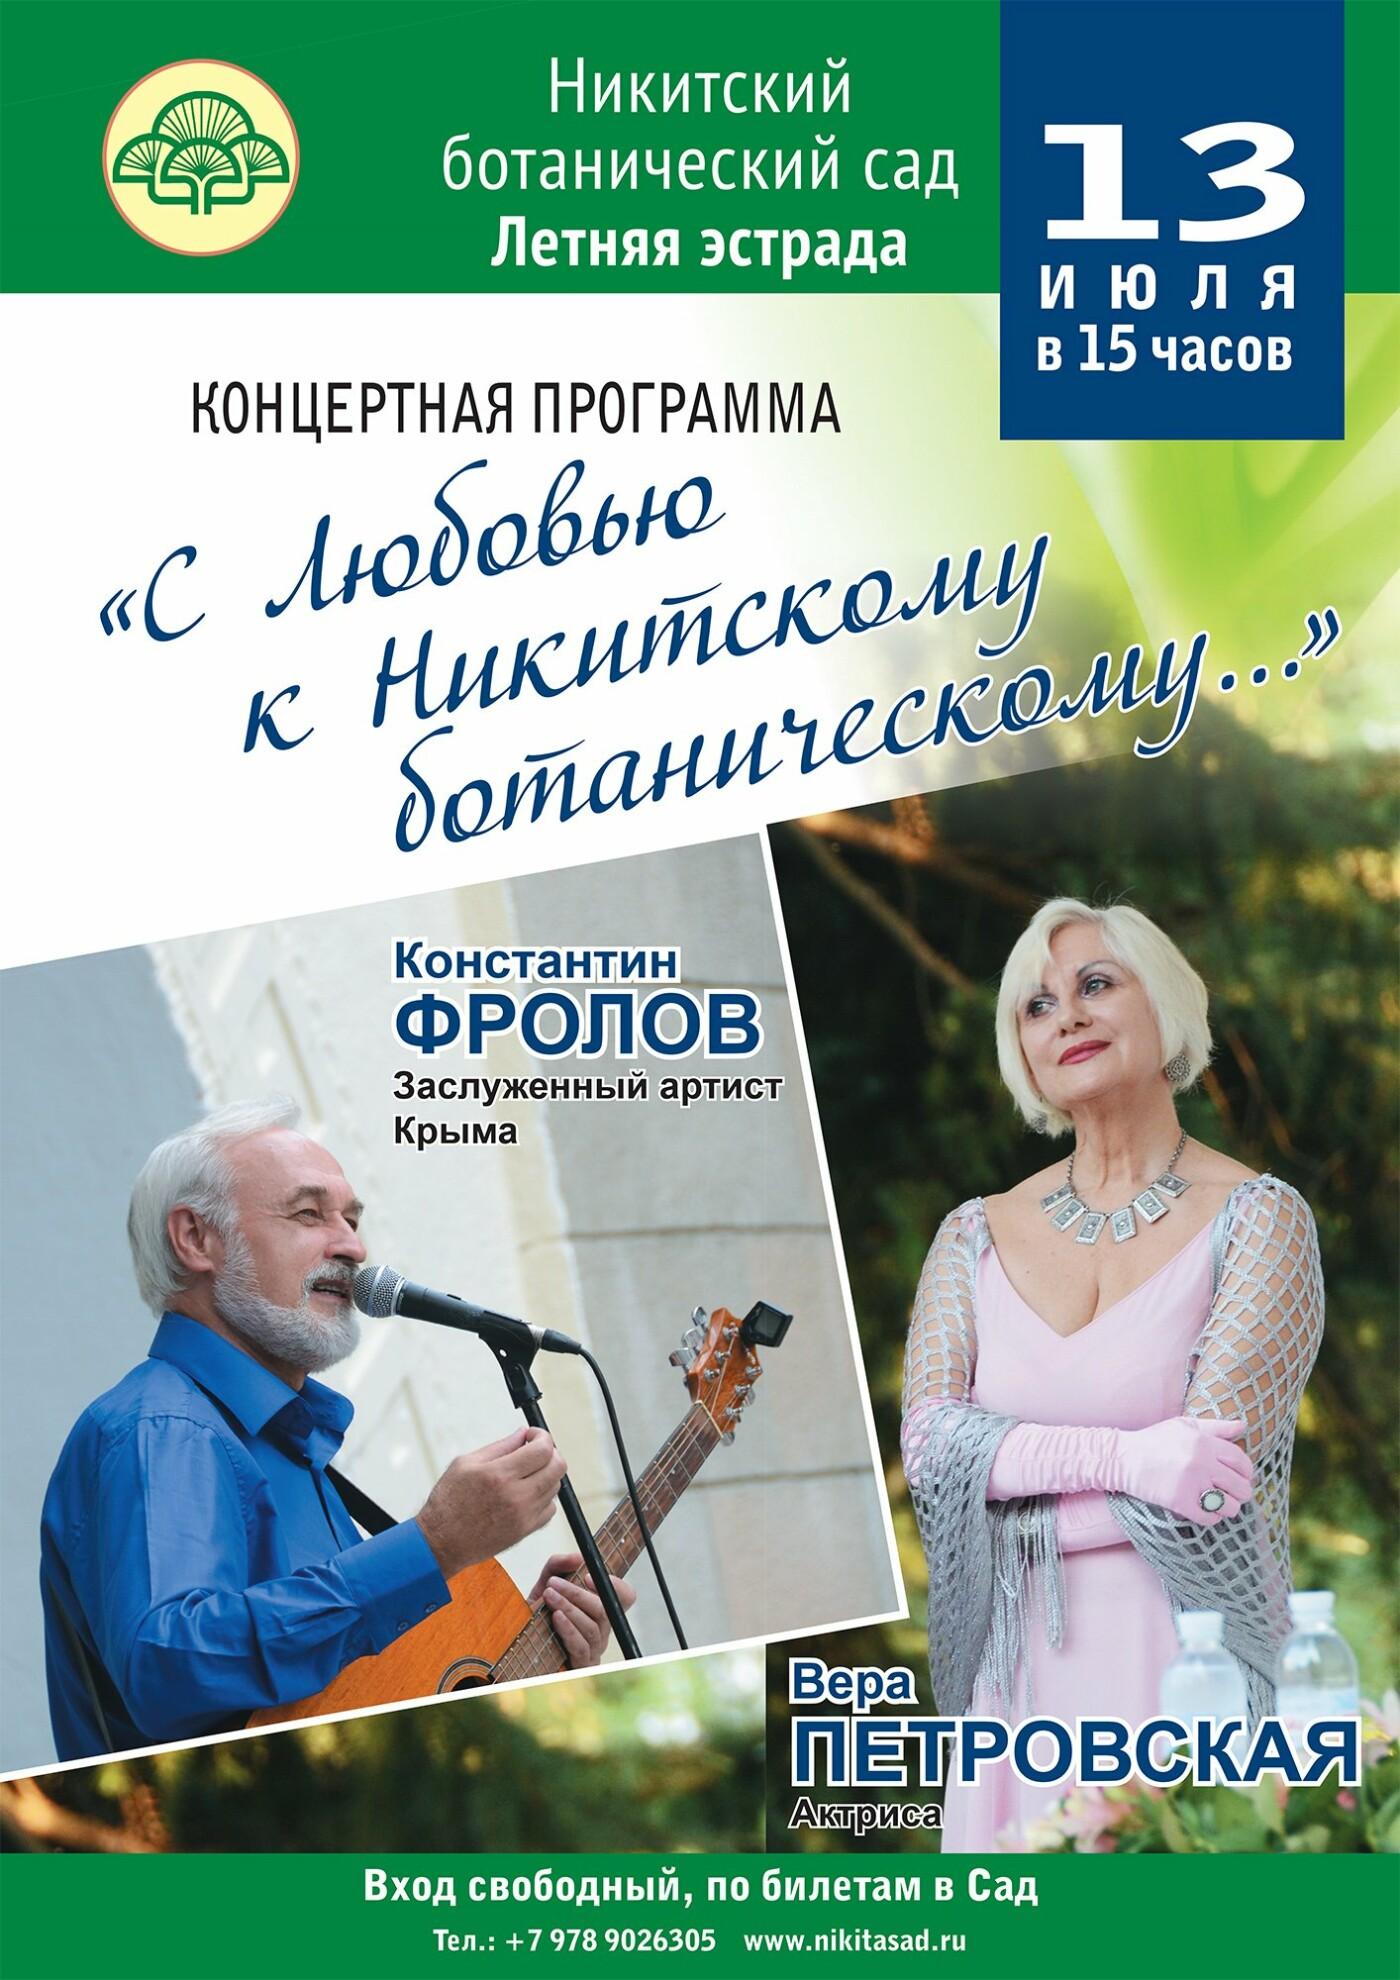 13 июля в Никитском саду состоится благотворительный концерт Константина Фролова и Веры Петровской «С любовью к Никитскому ботаническому…», фото-1